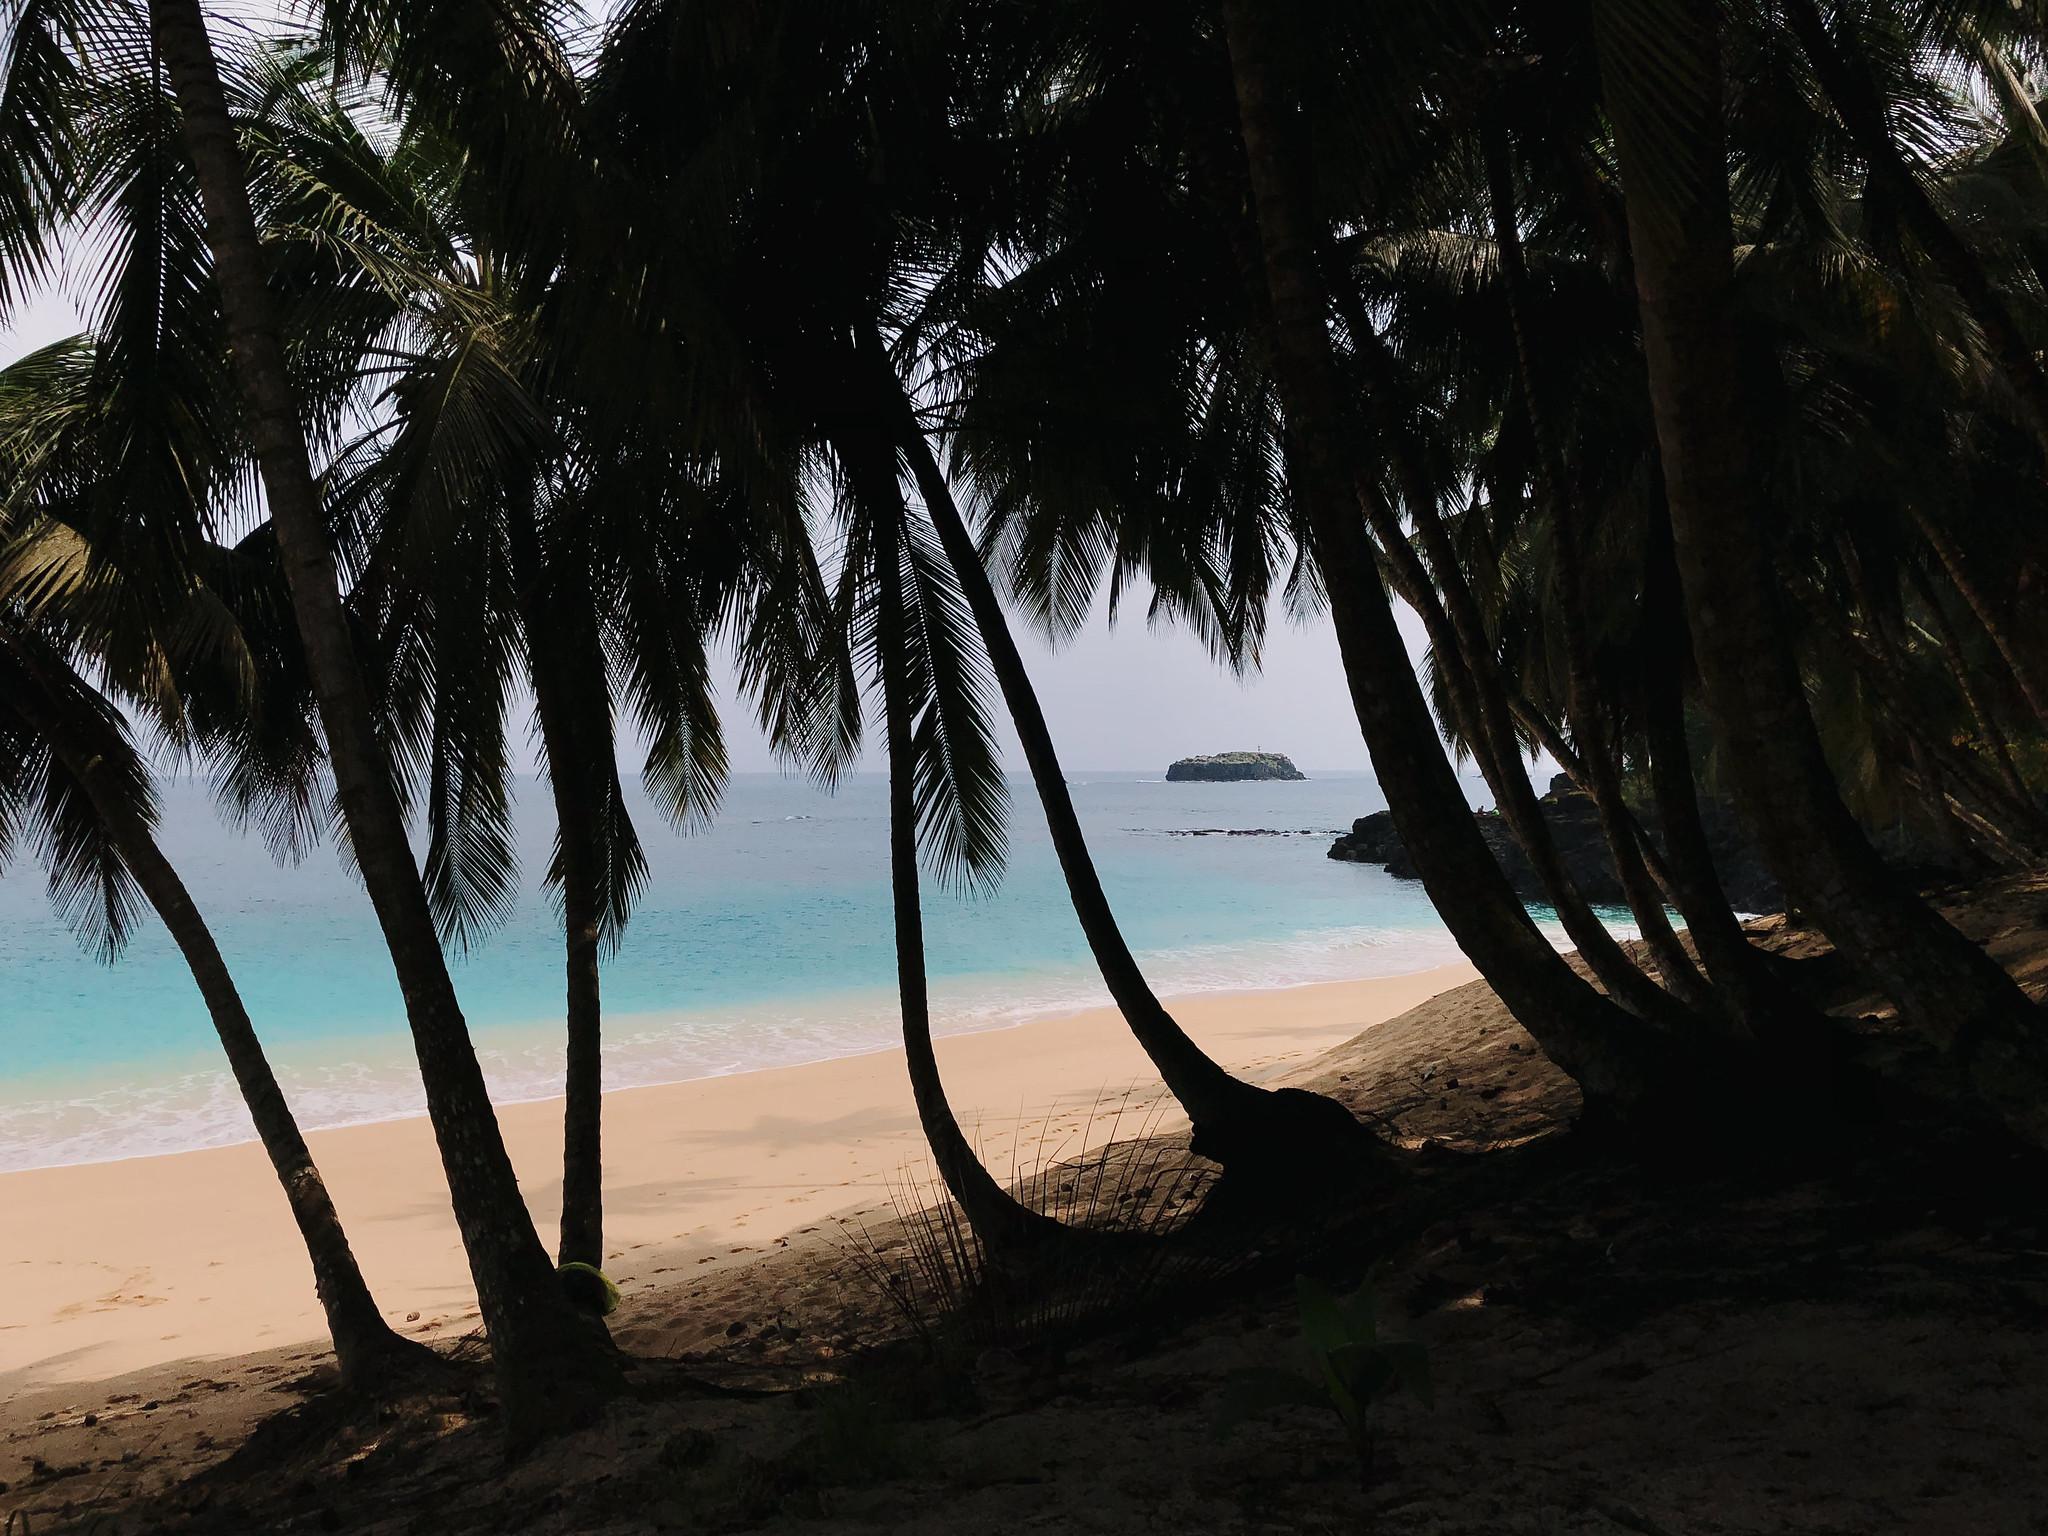 praiaBoi